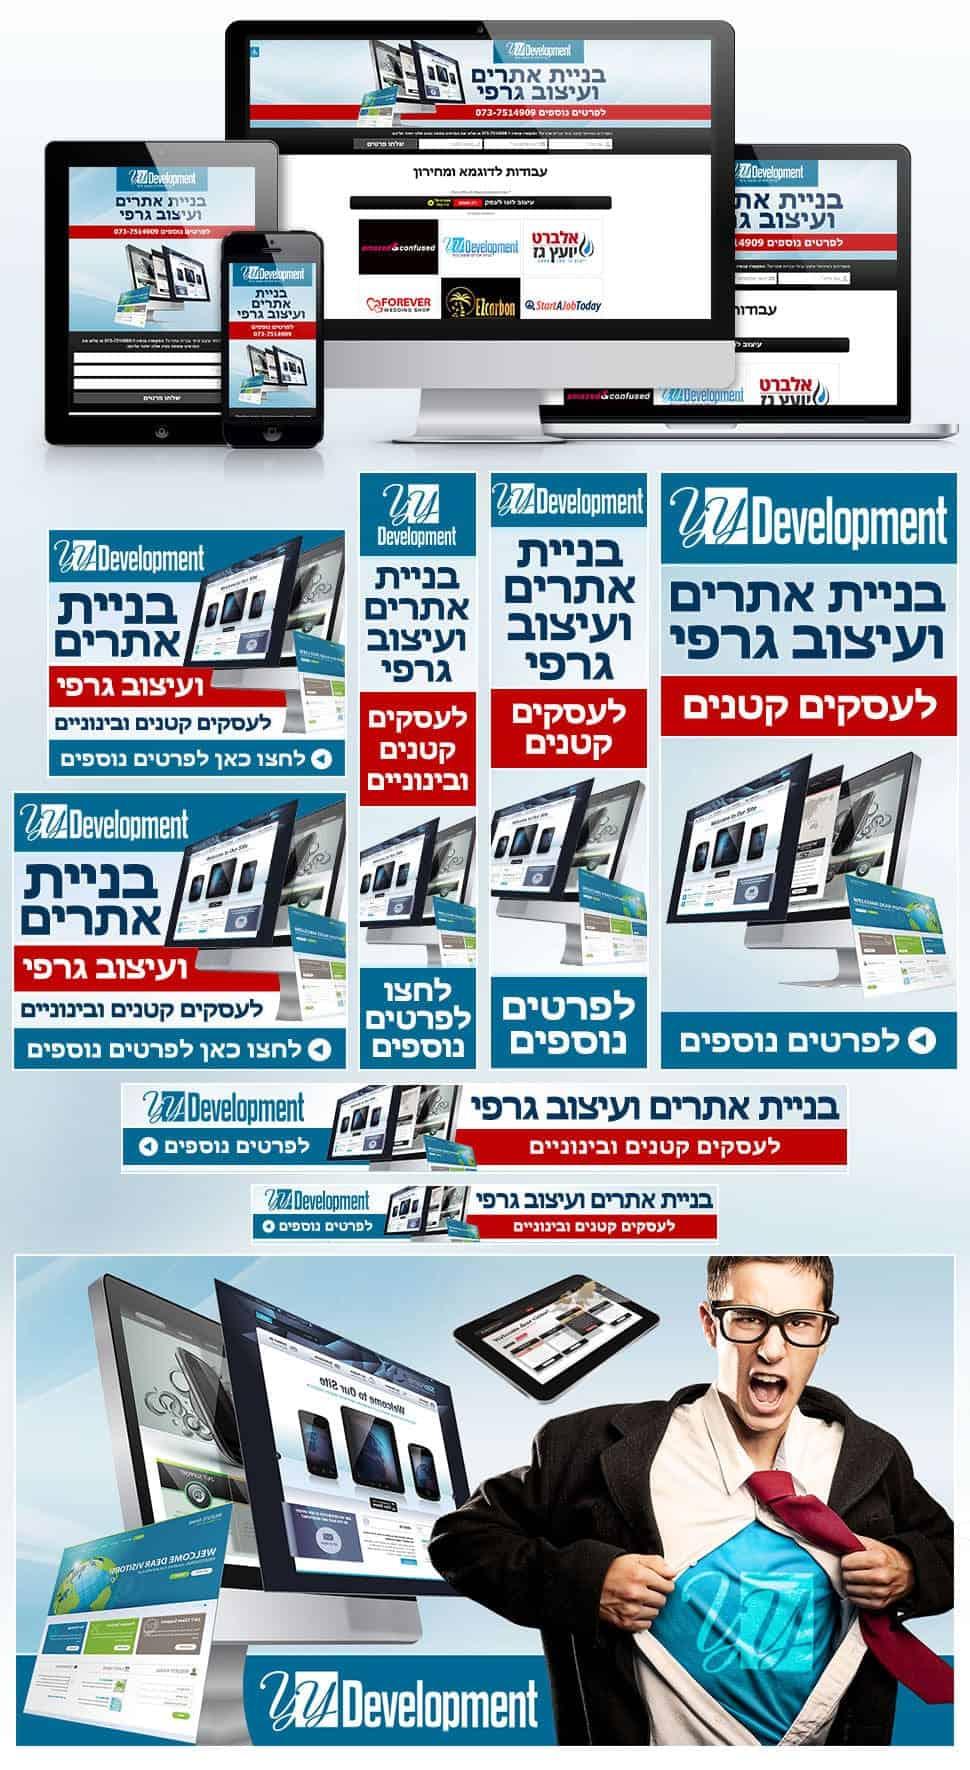 חבילת פרסום לדף נחיתה של עיצוב גרפי